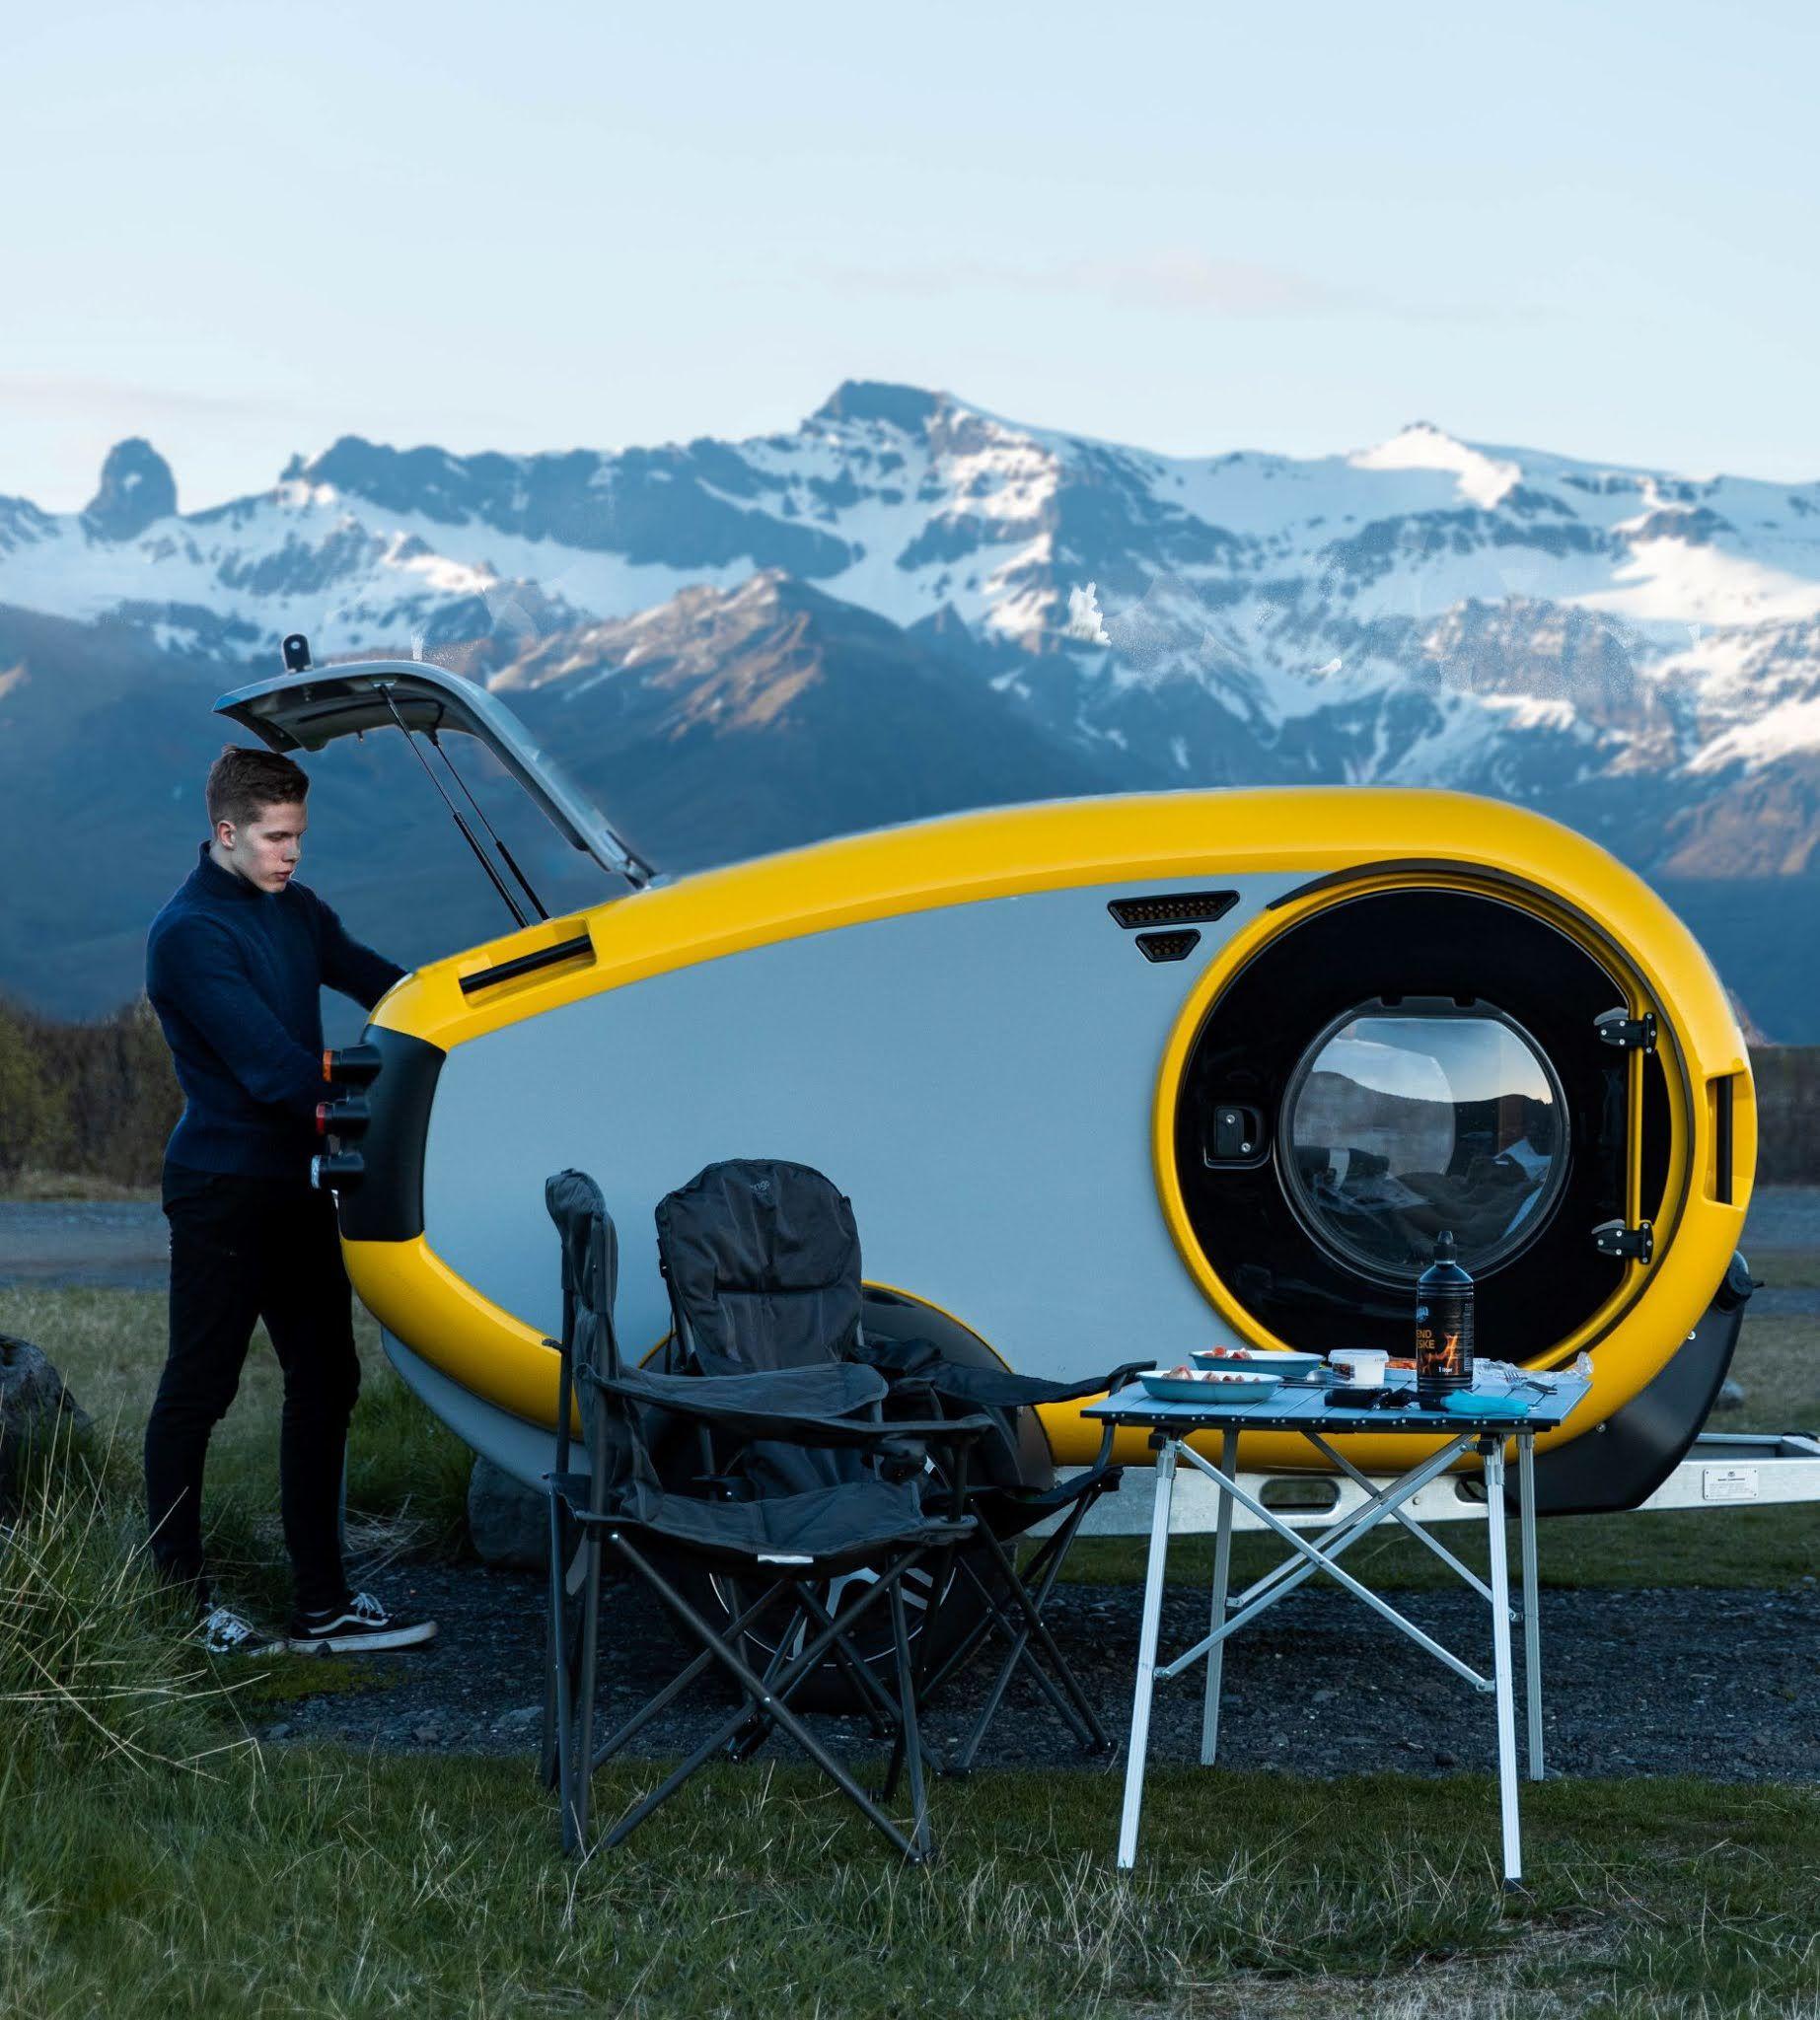 超可愛北歐露營小拖車 Mink 2.0 Sports Camper